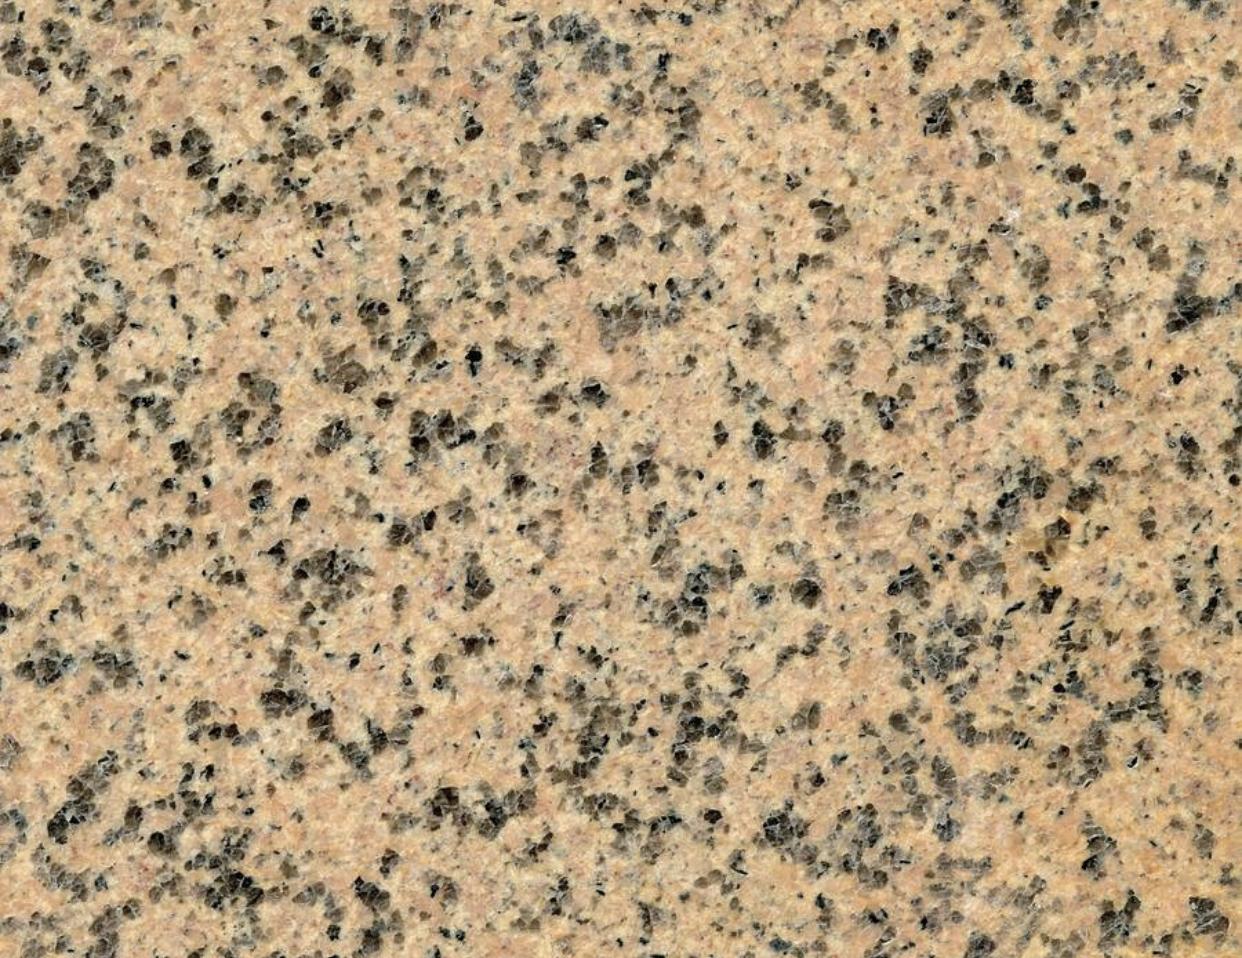 新卡麦石材